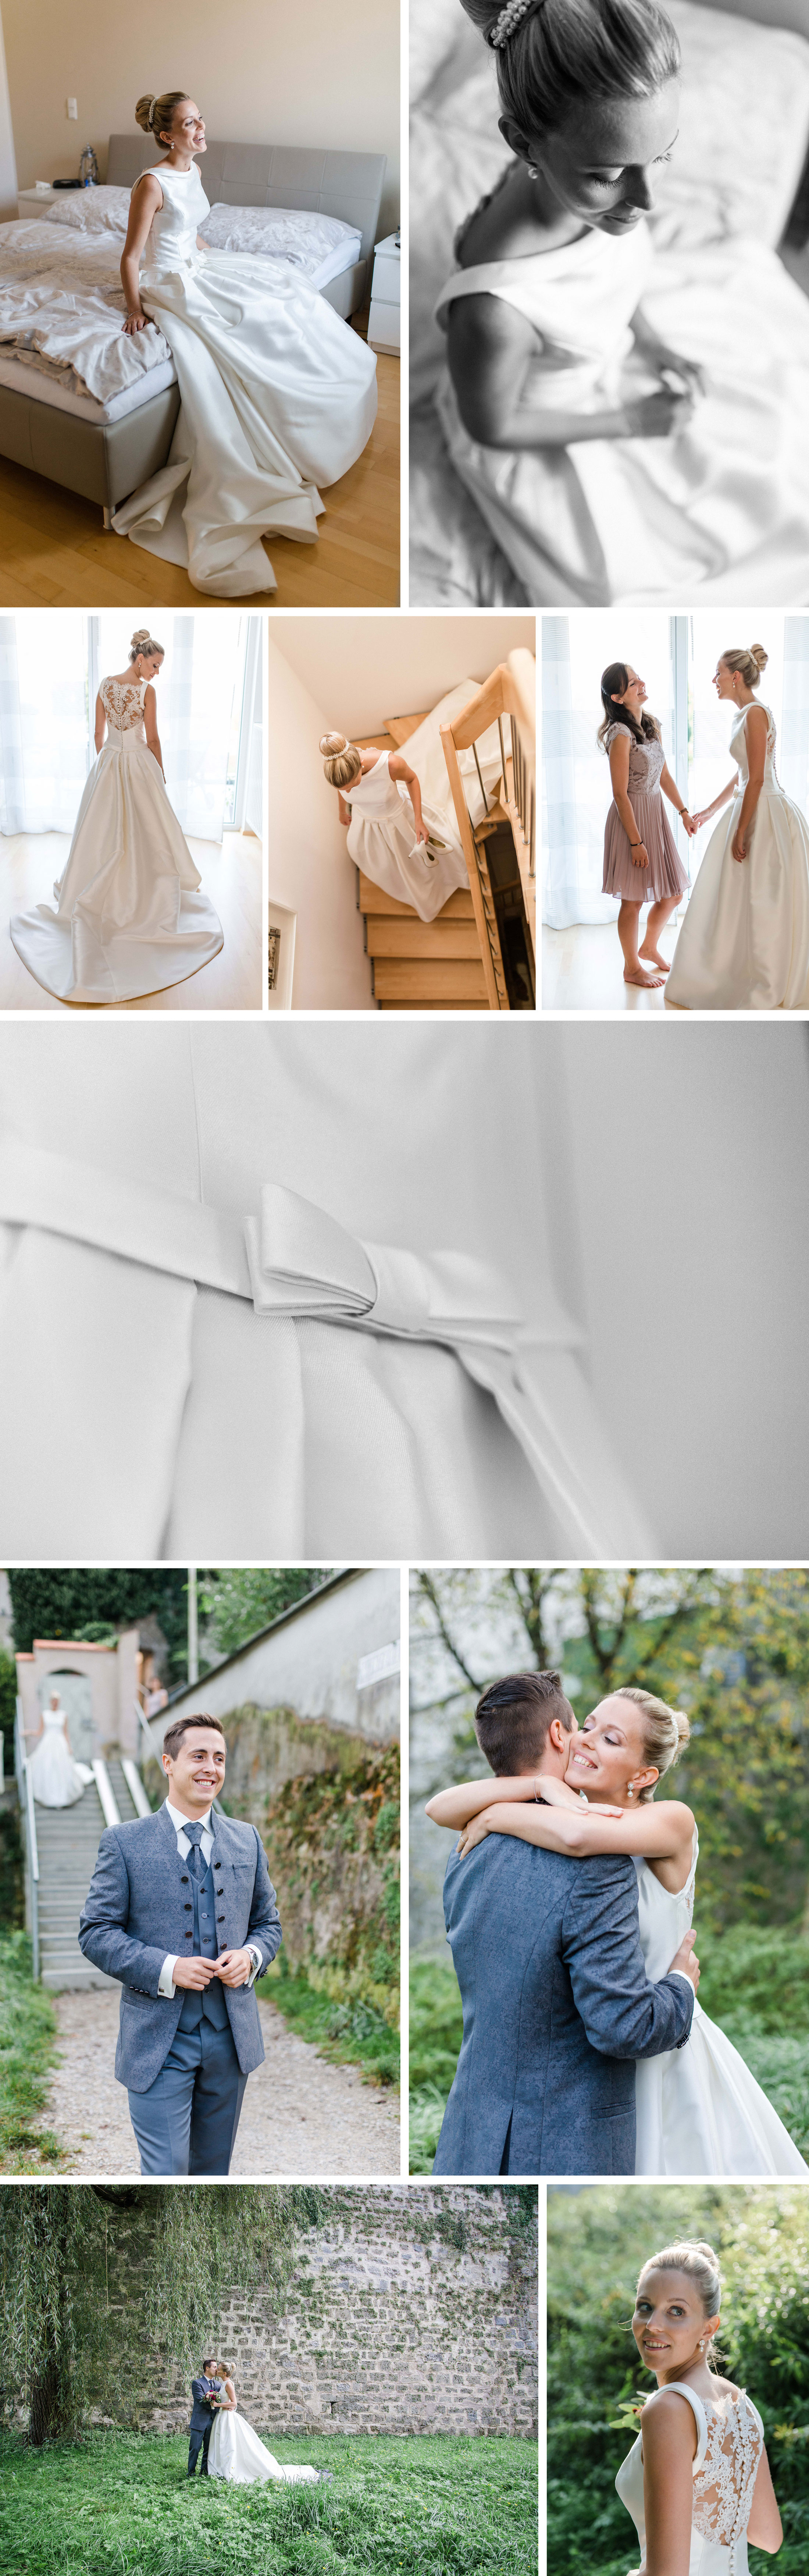 17_verena&daniel_Hochzeit_Paperbird_3